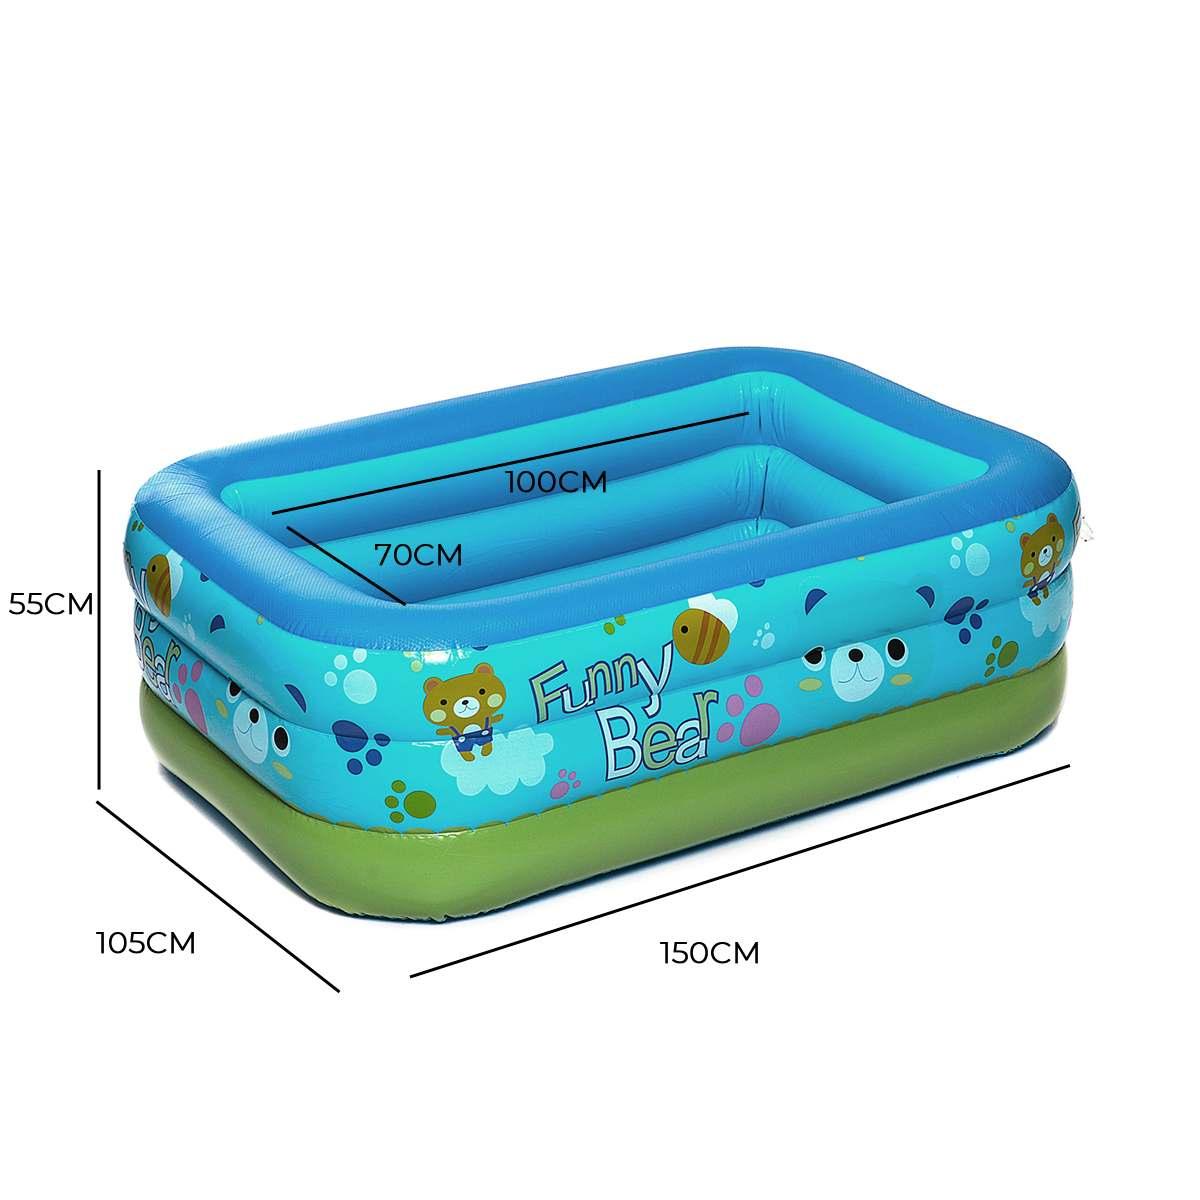 150 cm gonflable bébé piscine Piscina Portable extérieur enfants bassin baignoire enfants piscine bBaby piscine